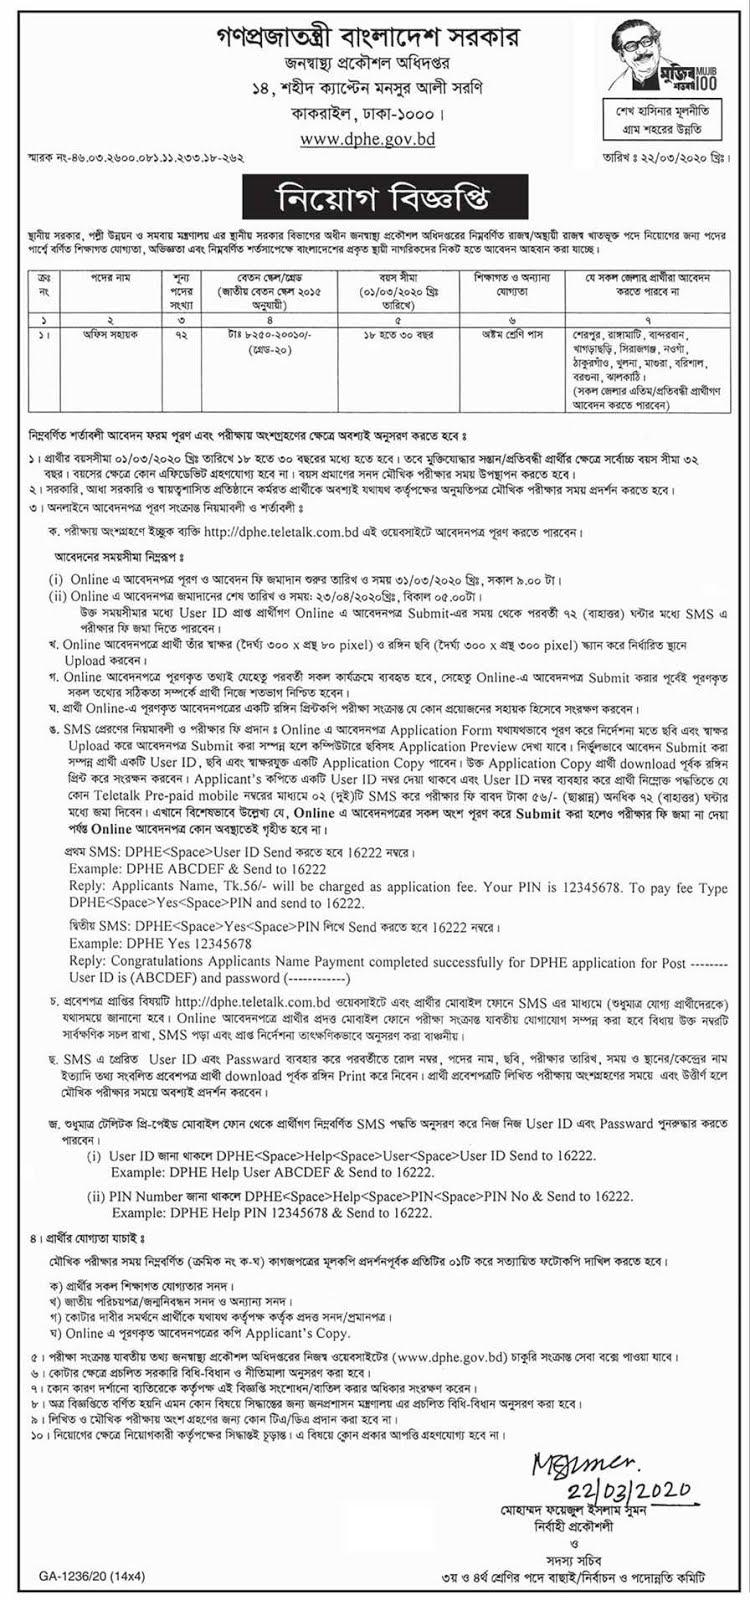 জনস্বাস্থ্য প্রকৌশল অধিদপ্তর নিয়োগ বিজ্ঞপ্তি ২০২০ - DPHE Job circular 2020 - সরকারি চাকরির খবর ২০২০